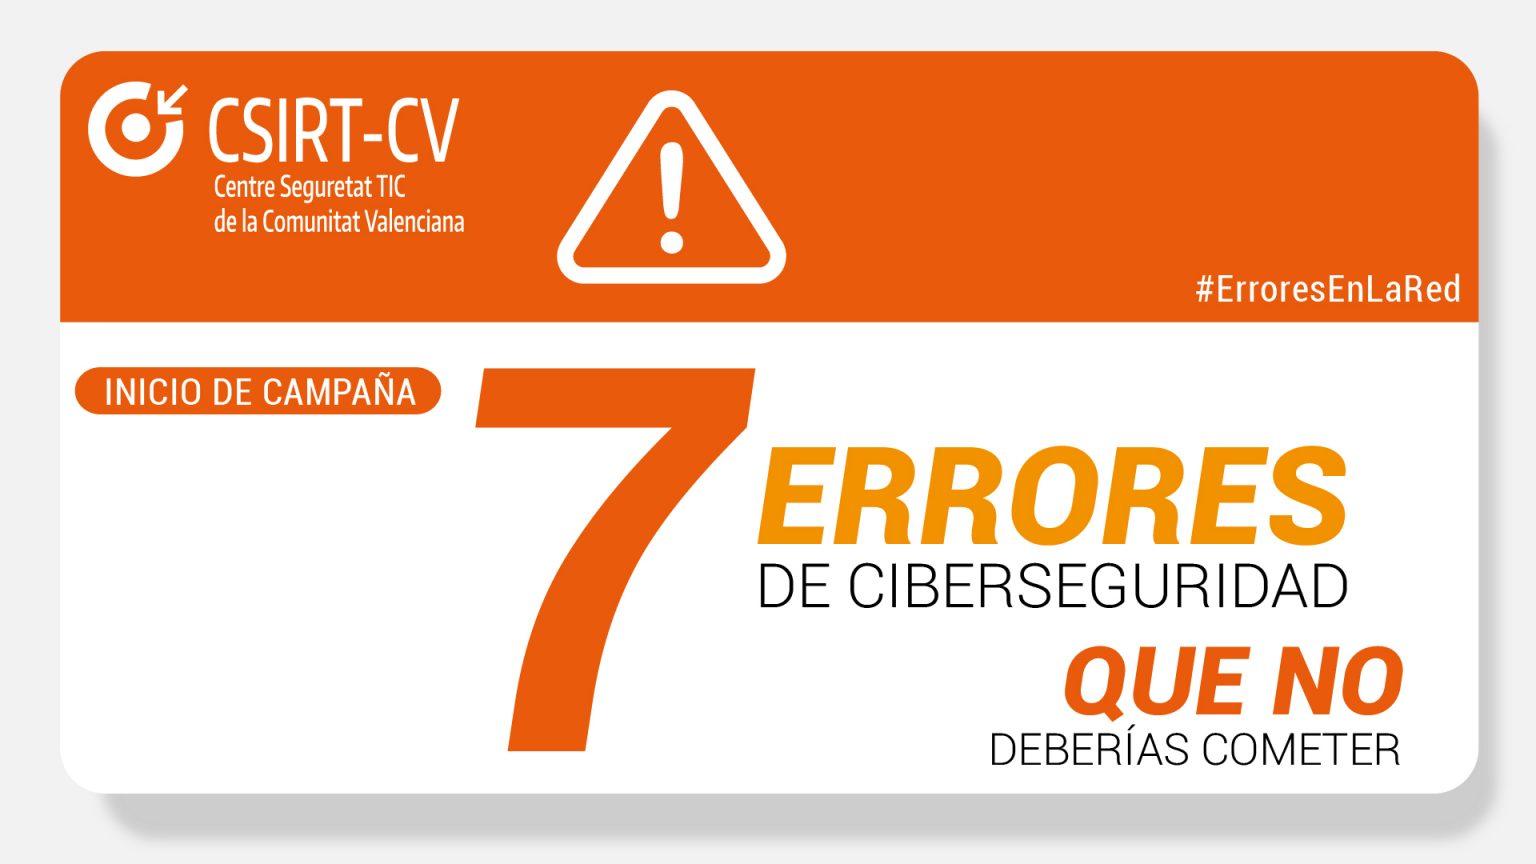 7 errores comunes de ciberseguridad